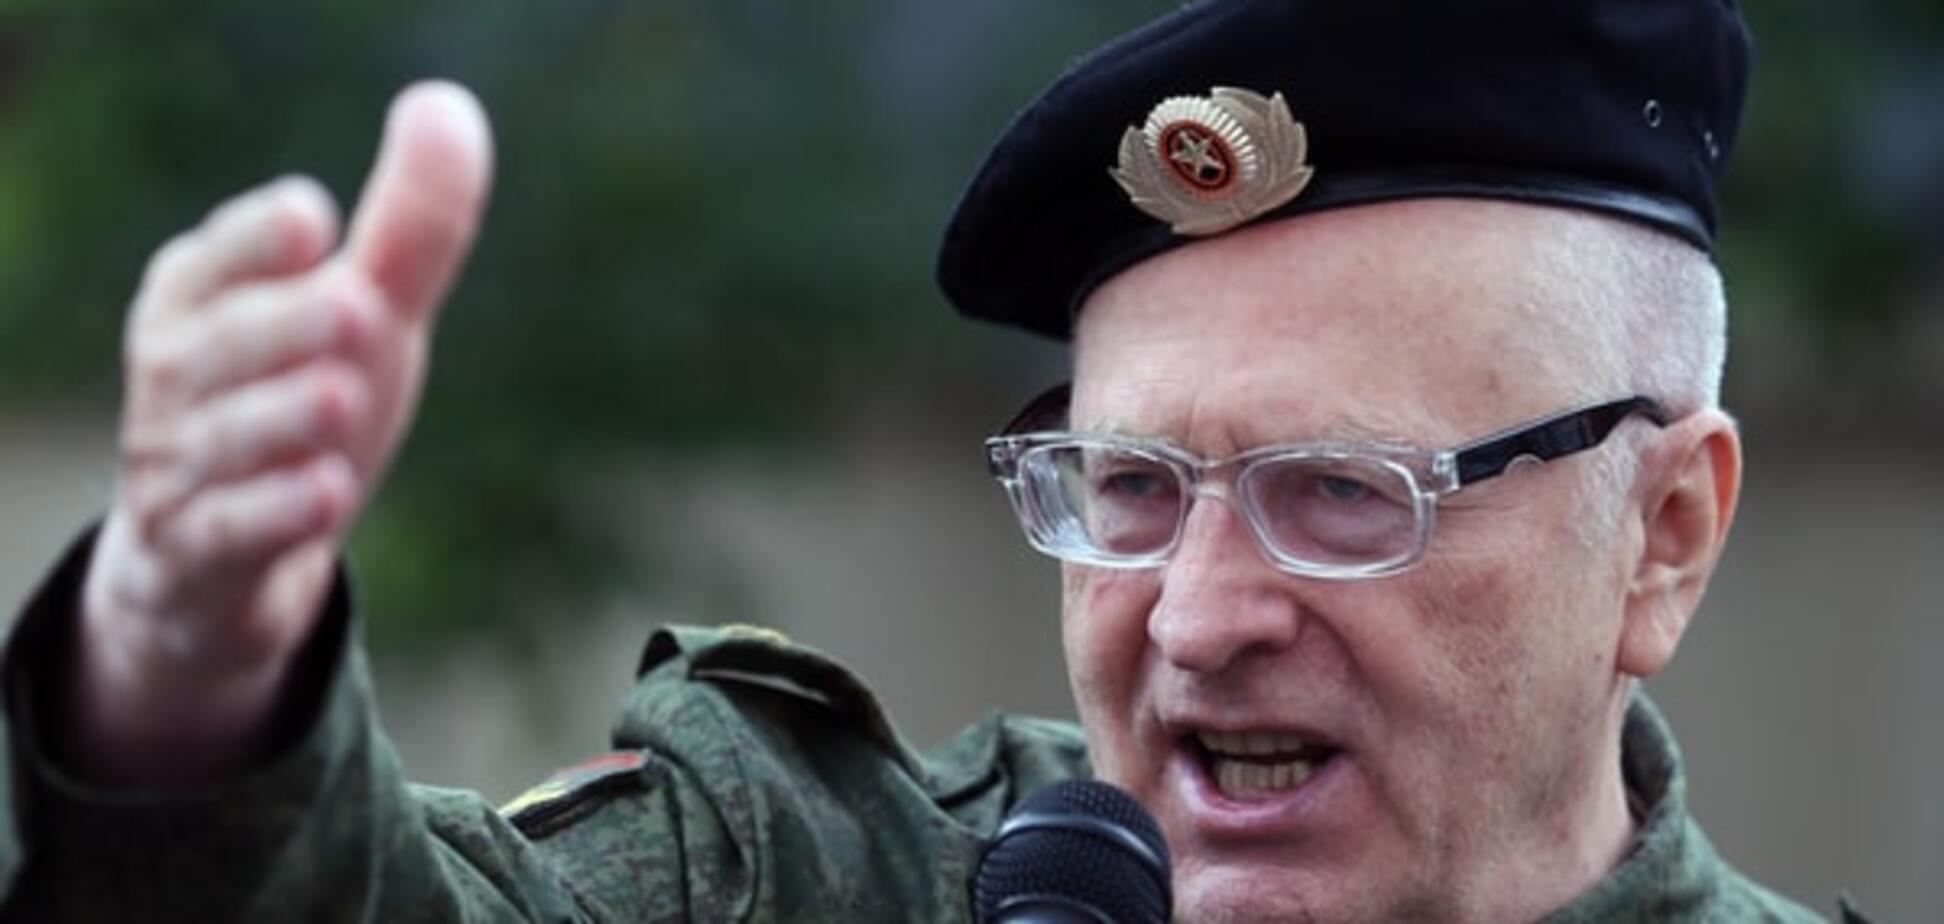 Враг номер один: Жириновский предложил сжечь Турцию 'ядерным пожаром'